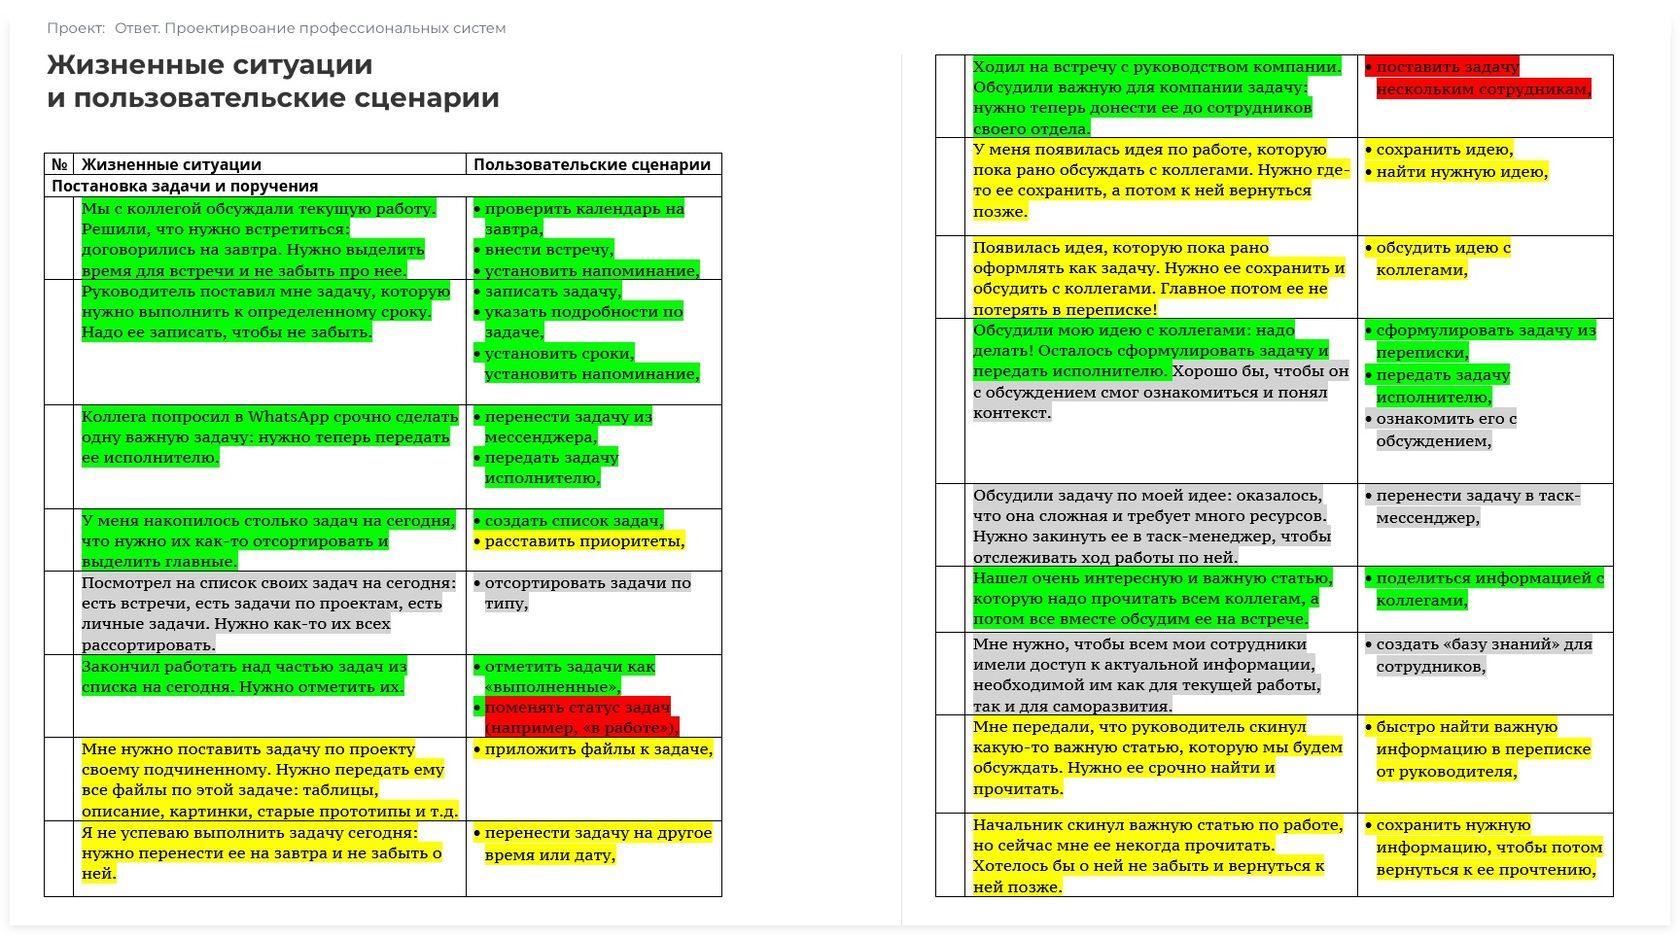 Жизненные ситуации выявленные в процессе пользовательского тестирования | sobakapav.ru